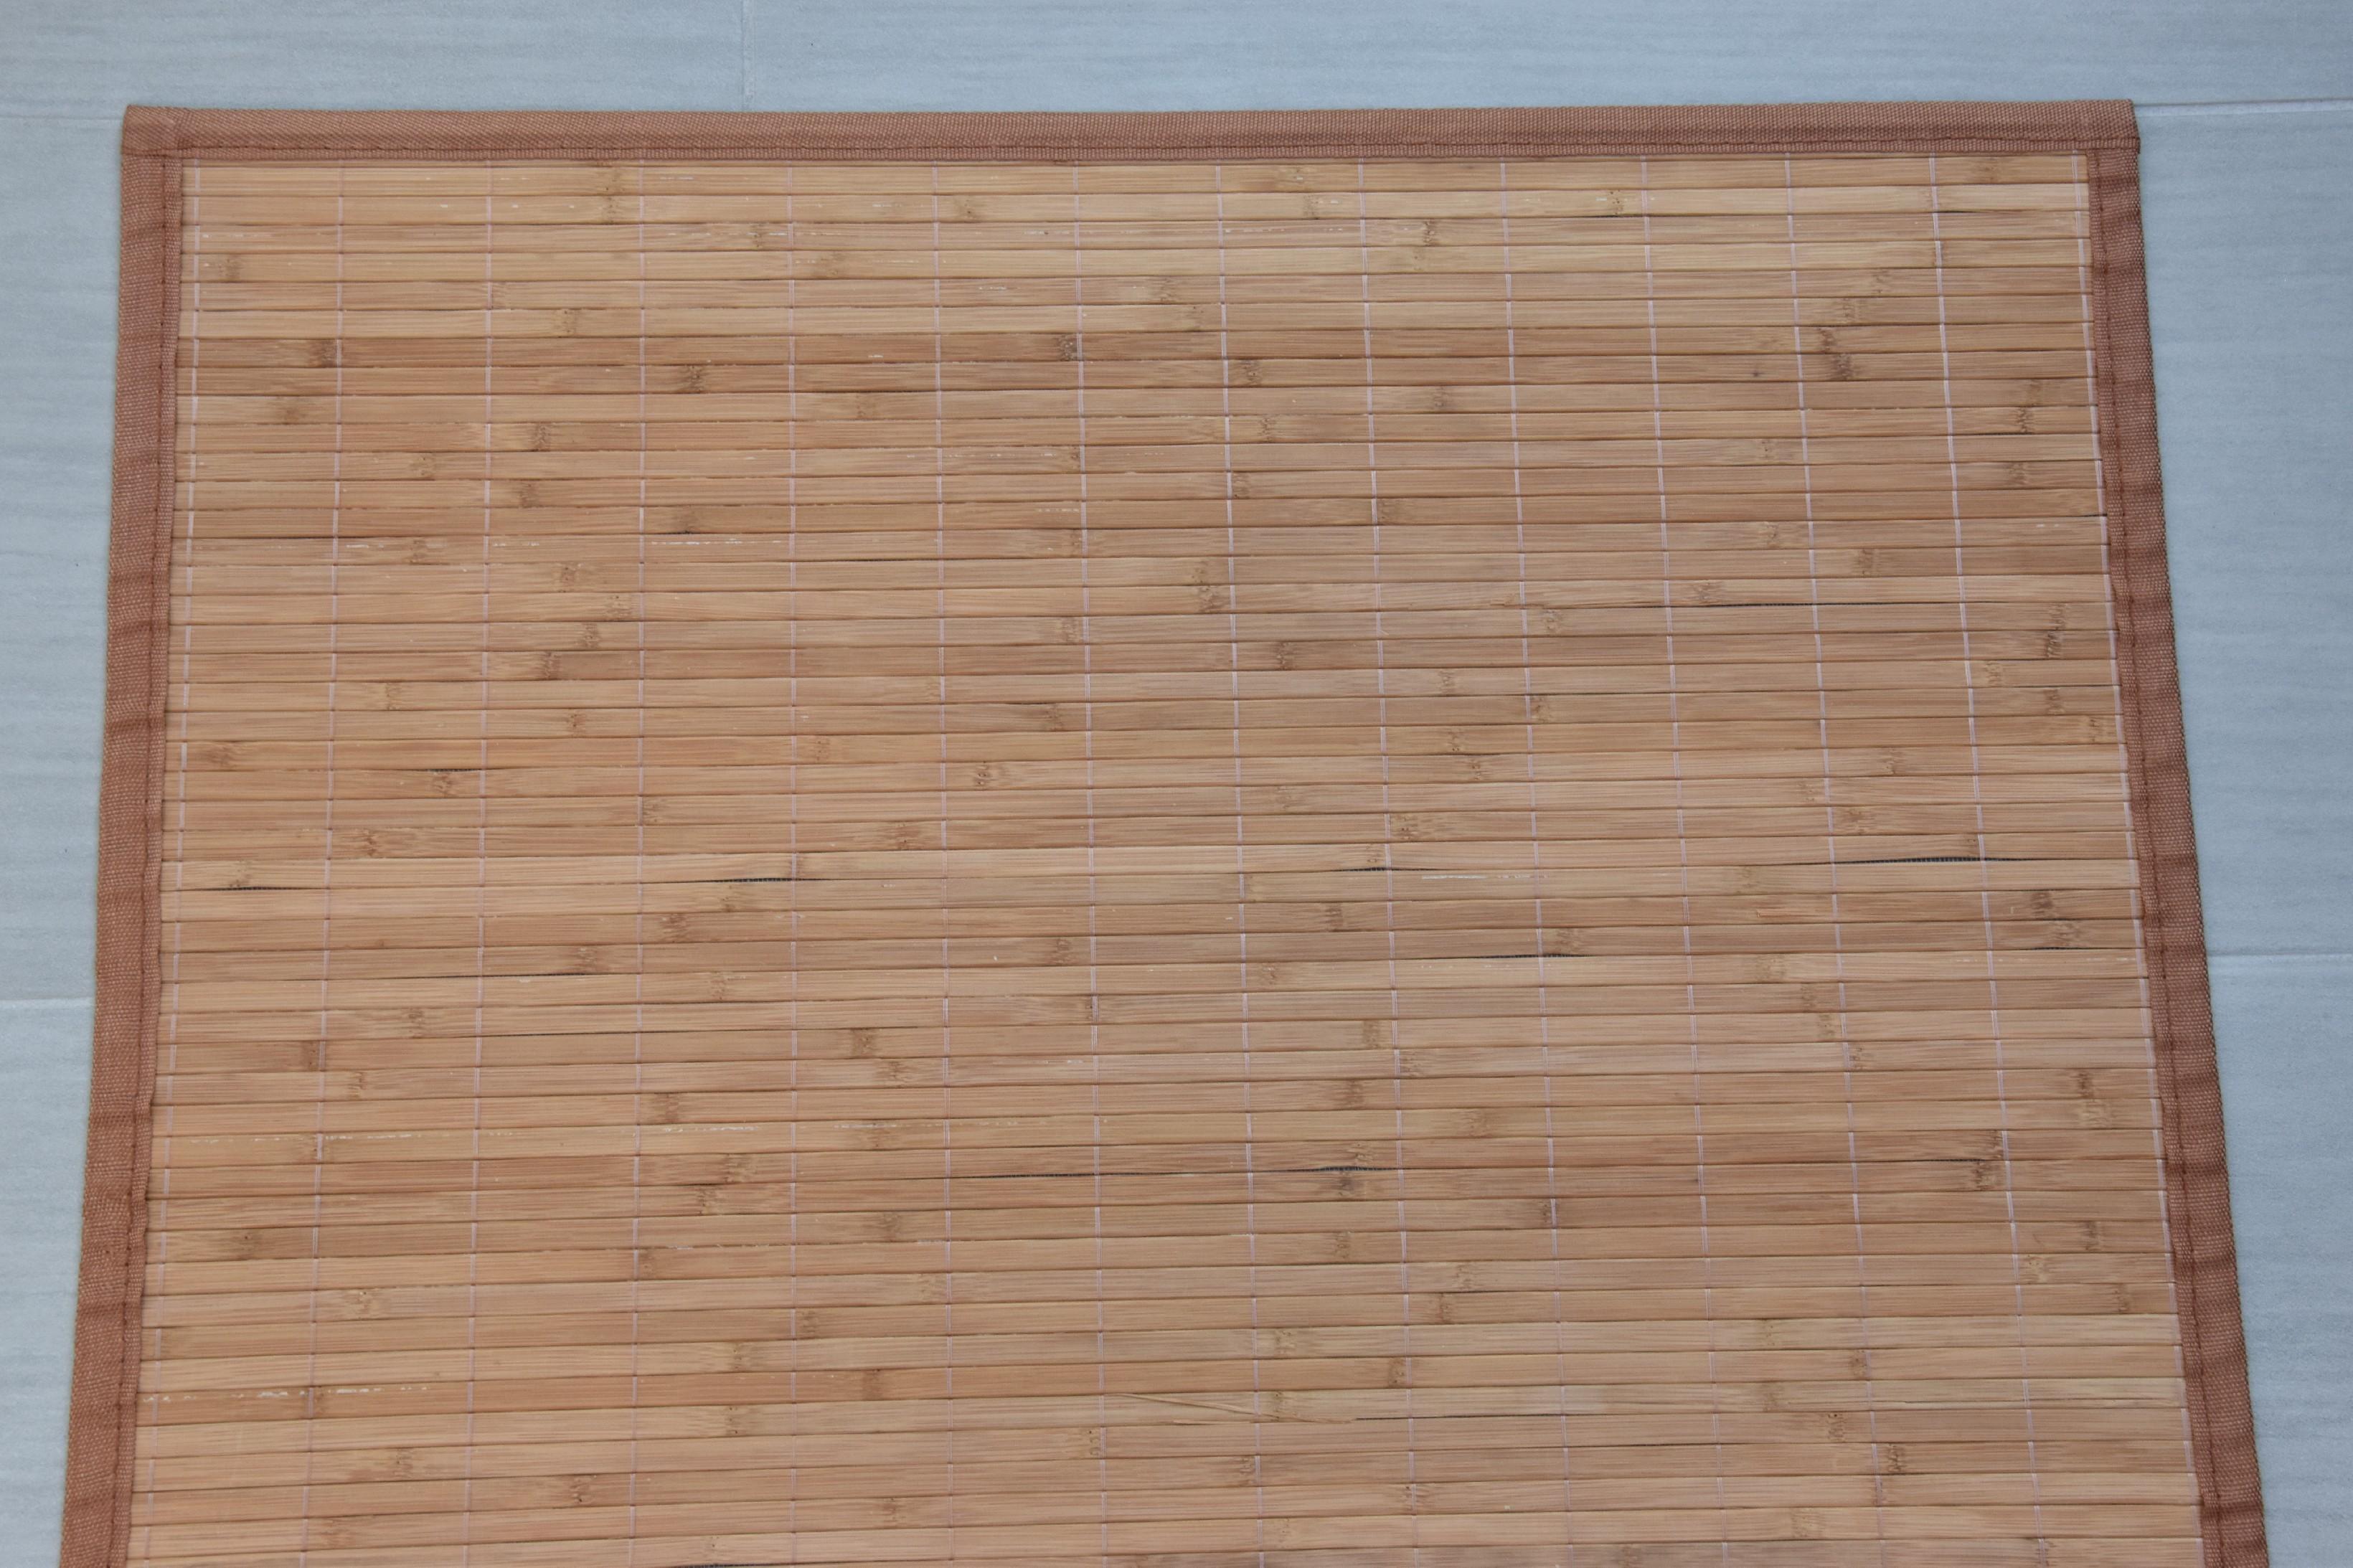 Rohož za postel hnědá Rozměry: 70x300